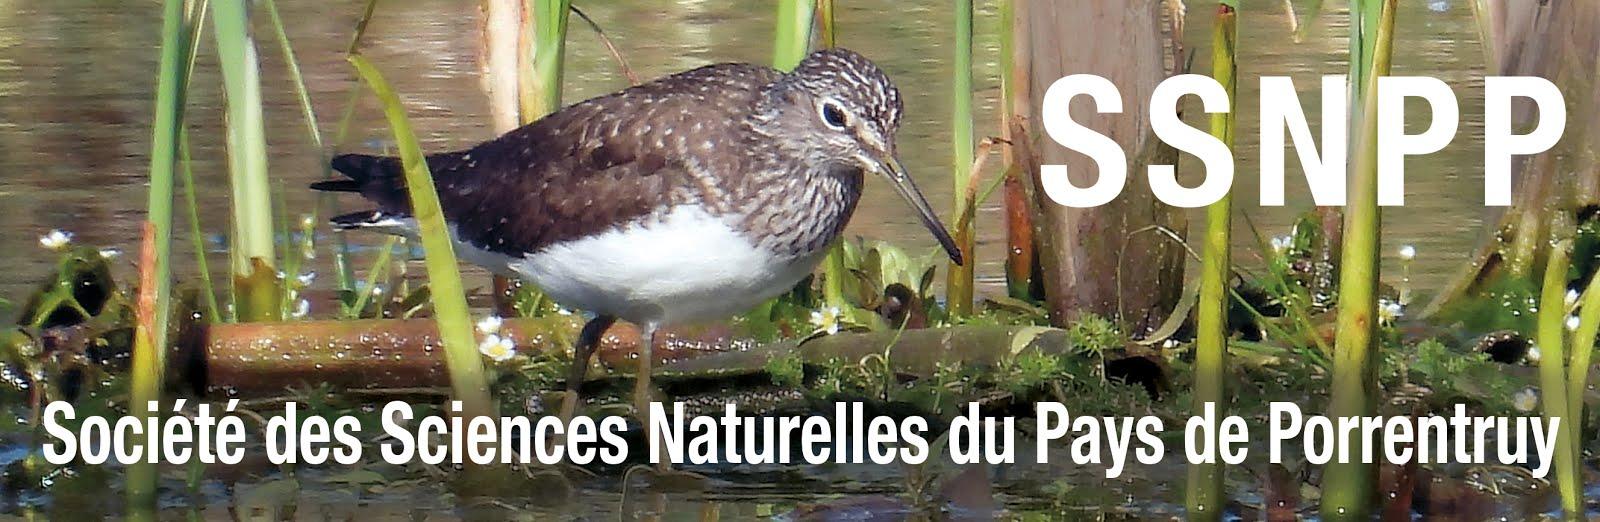 Société des sciences naturelles du Pays de Porrentruy SSNPP